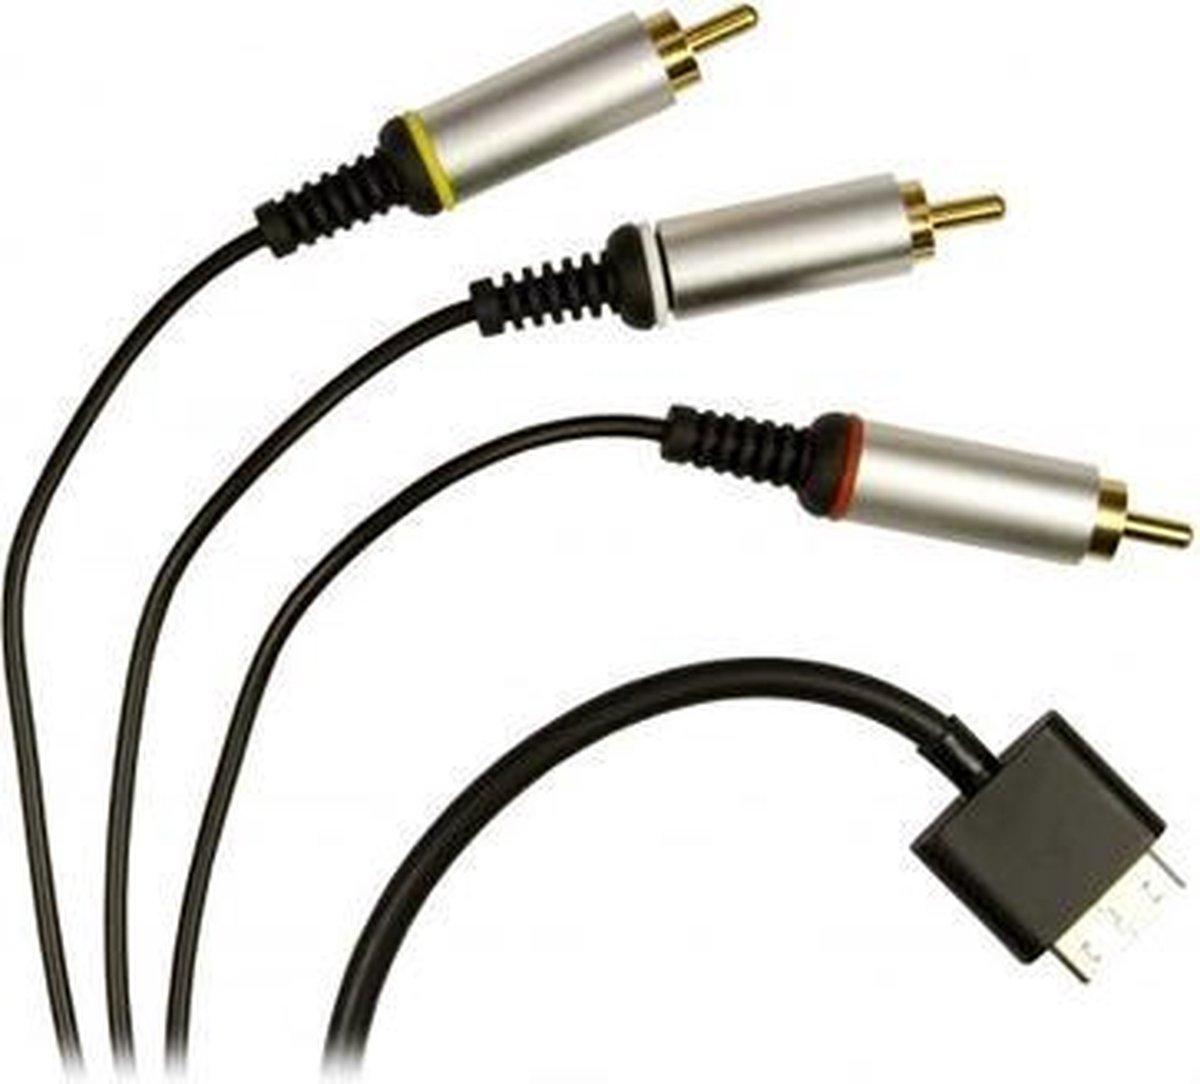 Av-S Cable Pspgo (Logic3) - Logic3